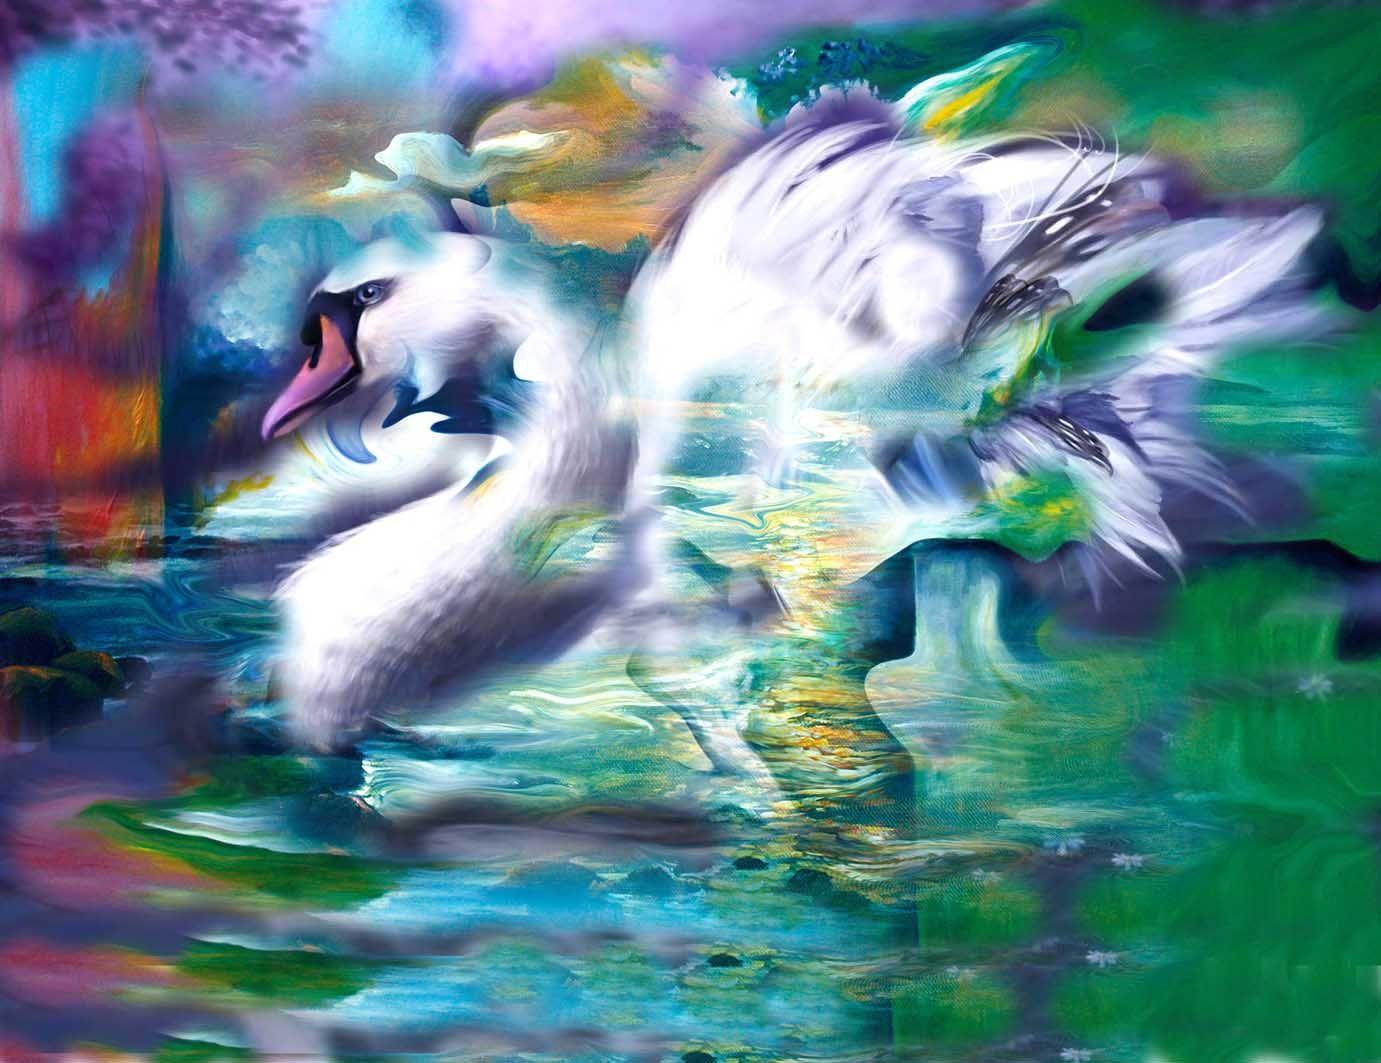 ציורים יפים